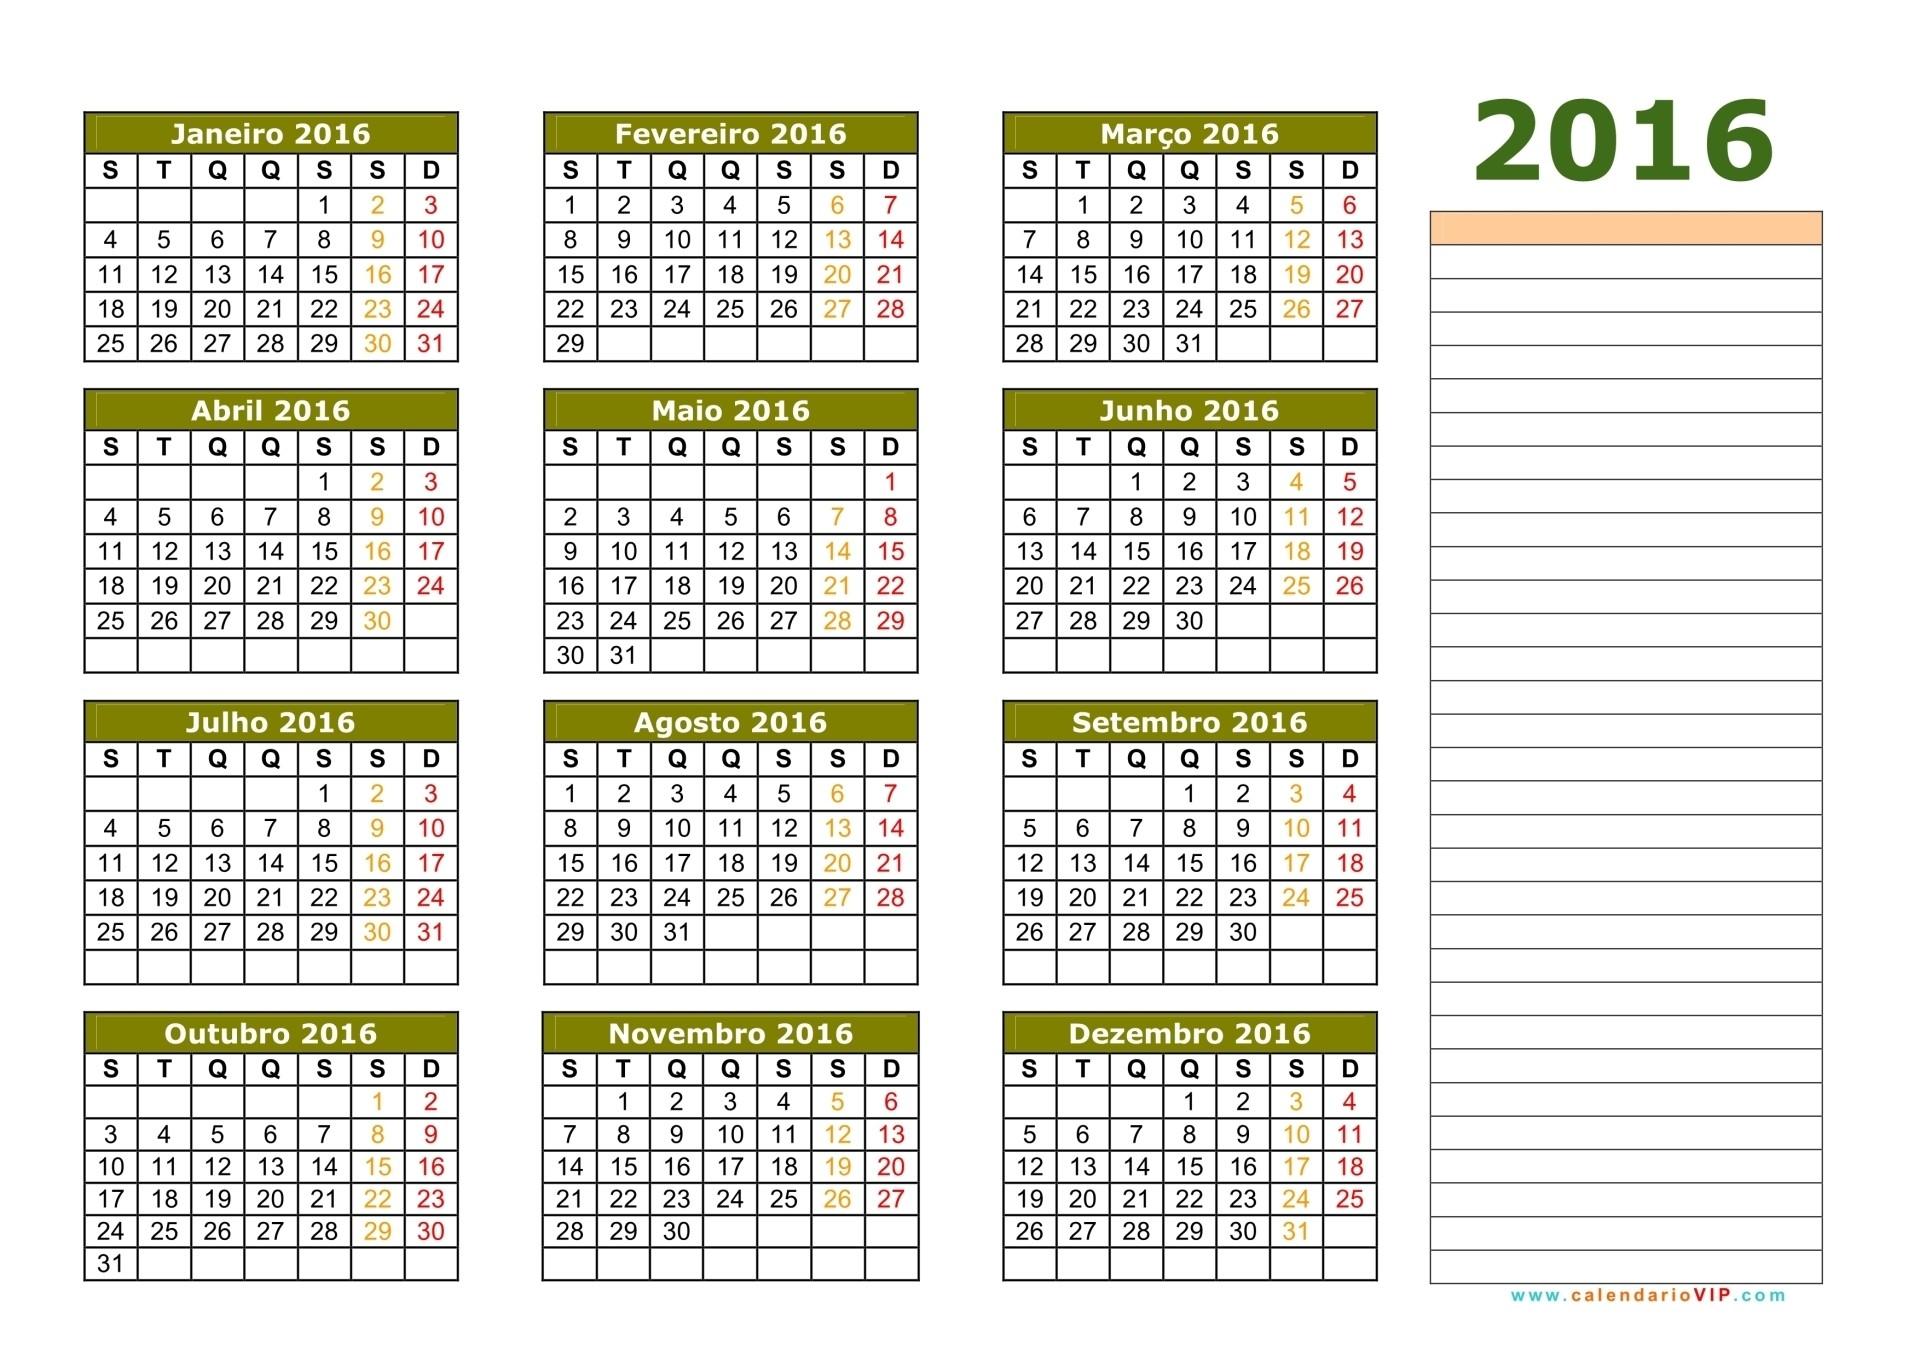 Calend rio 2016 calendarios 2016 para imprimir for Calendario lunar 2016 colombia Calendario 2018 con feriados